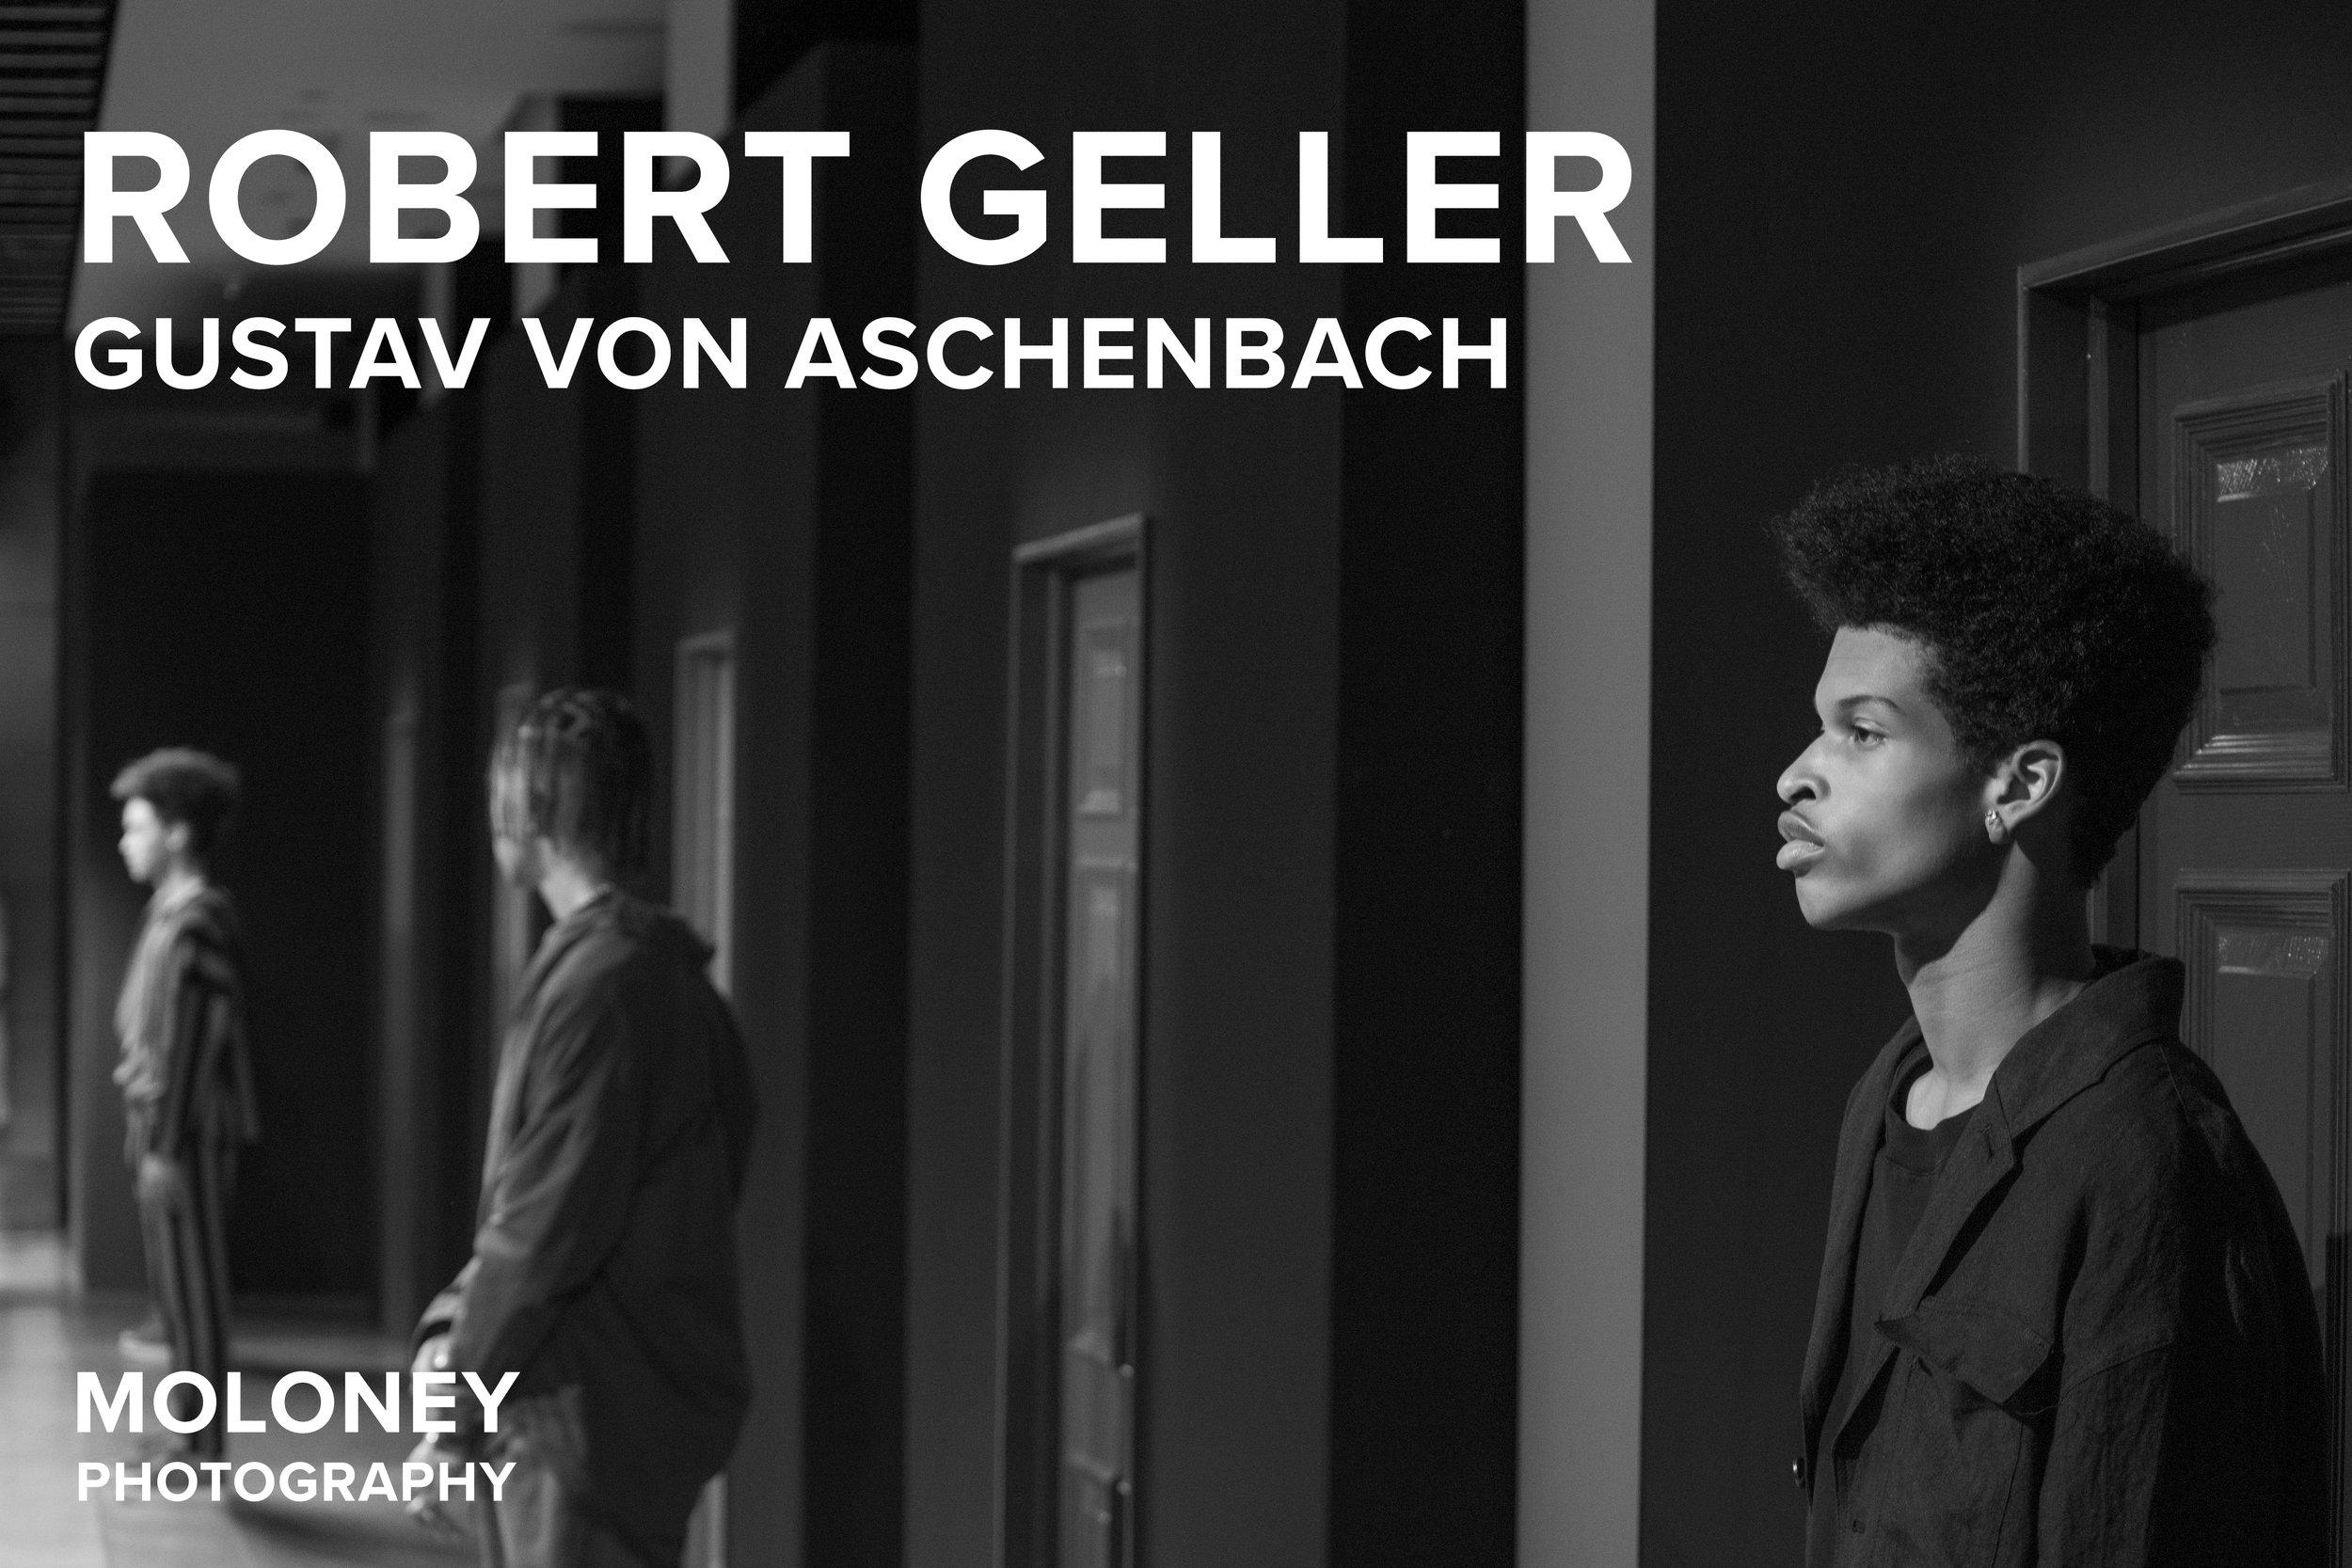 Robert Geller Gustav von Aschenbach - Moloney Photography.jpg